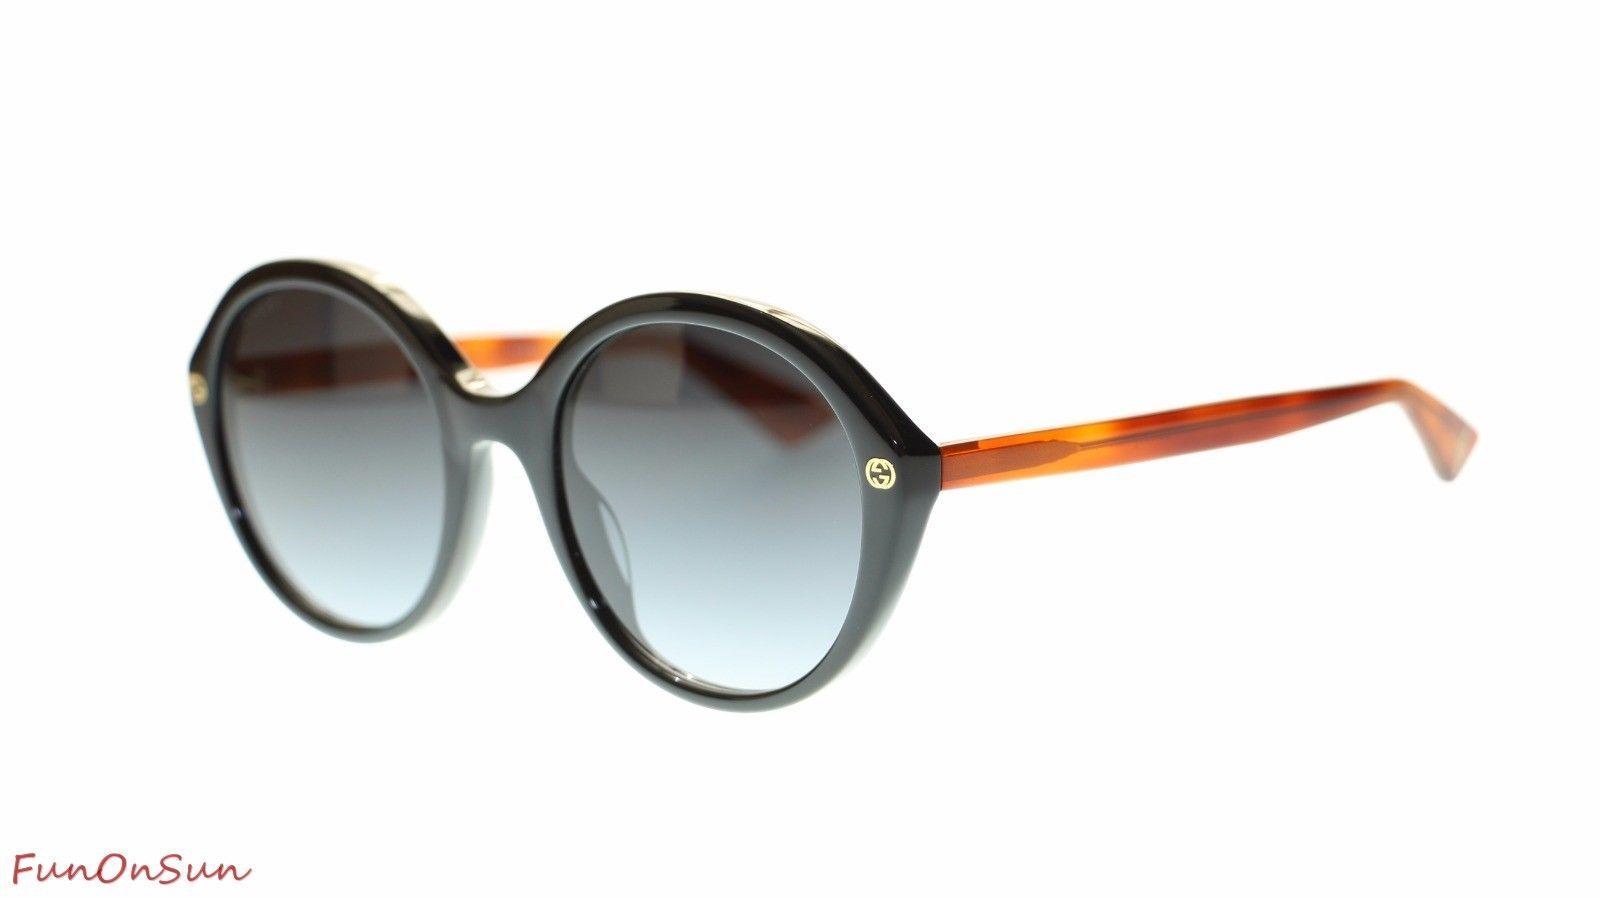 5b3c33d114 S l1600. S l1600. Previous. Gucci Women Oval Sunglasses GG0023S 003 Havana  Black Grey Lens 55MM Authentic. Gucci Women Oval Sunglasses ...